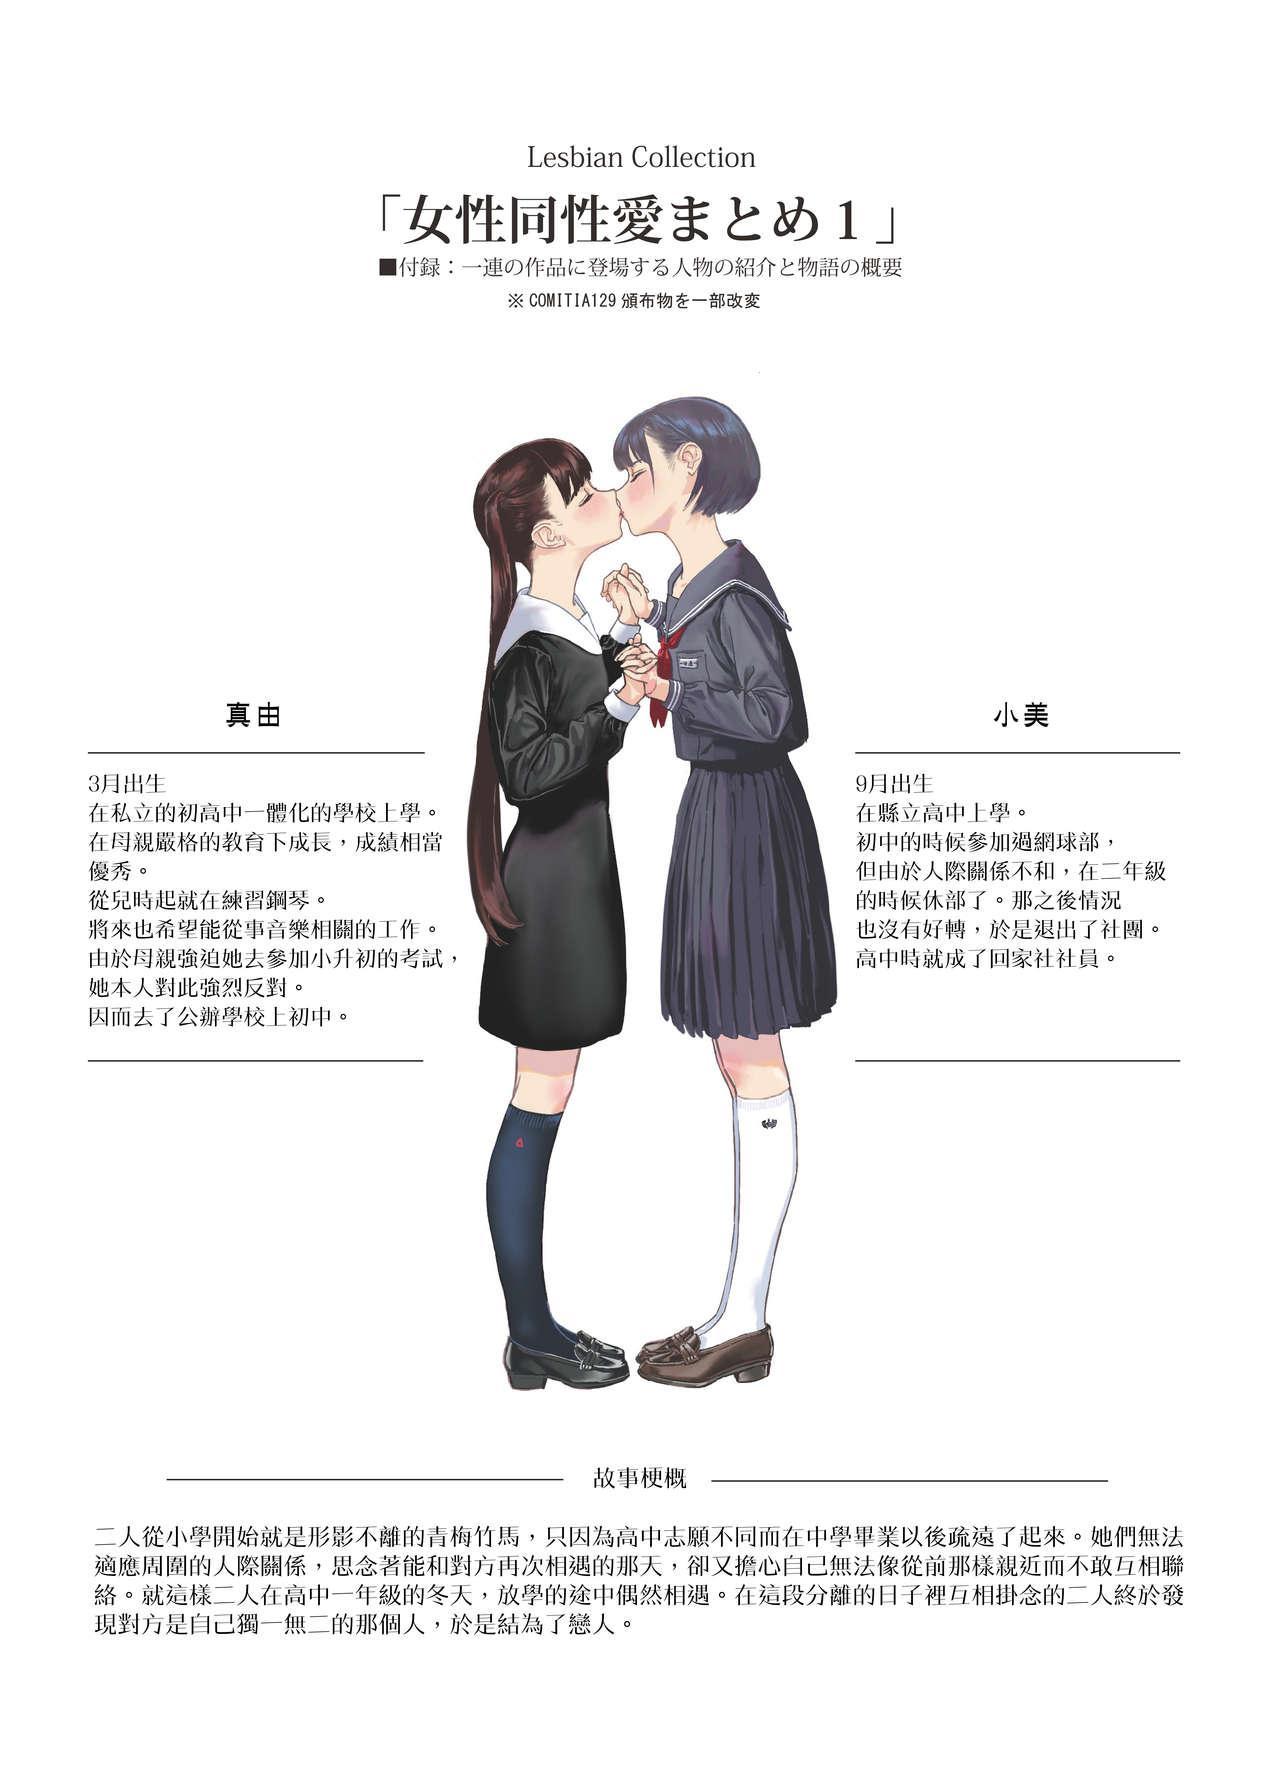 Josei Douseiai Matome 1 丨 女性同性愛合集 1 23